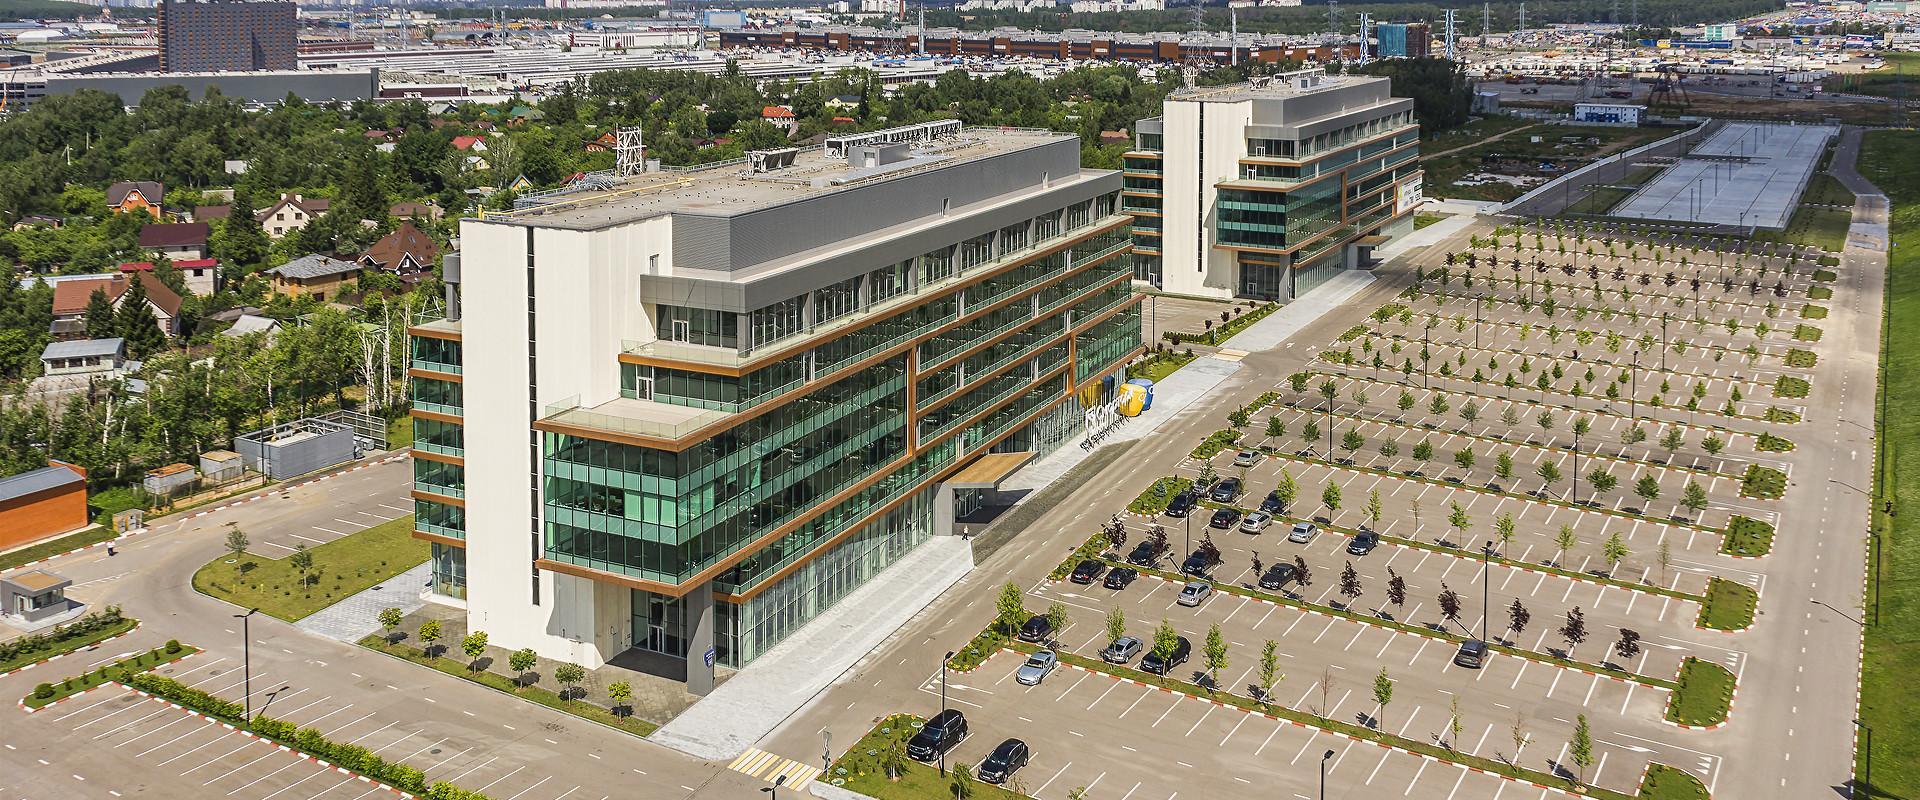 aa0044e5fd5f Бизнес-центр К2 Бизнес-парк, Калужское ш - офисы в БЦ К2 Бизнес-парк